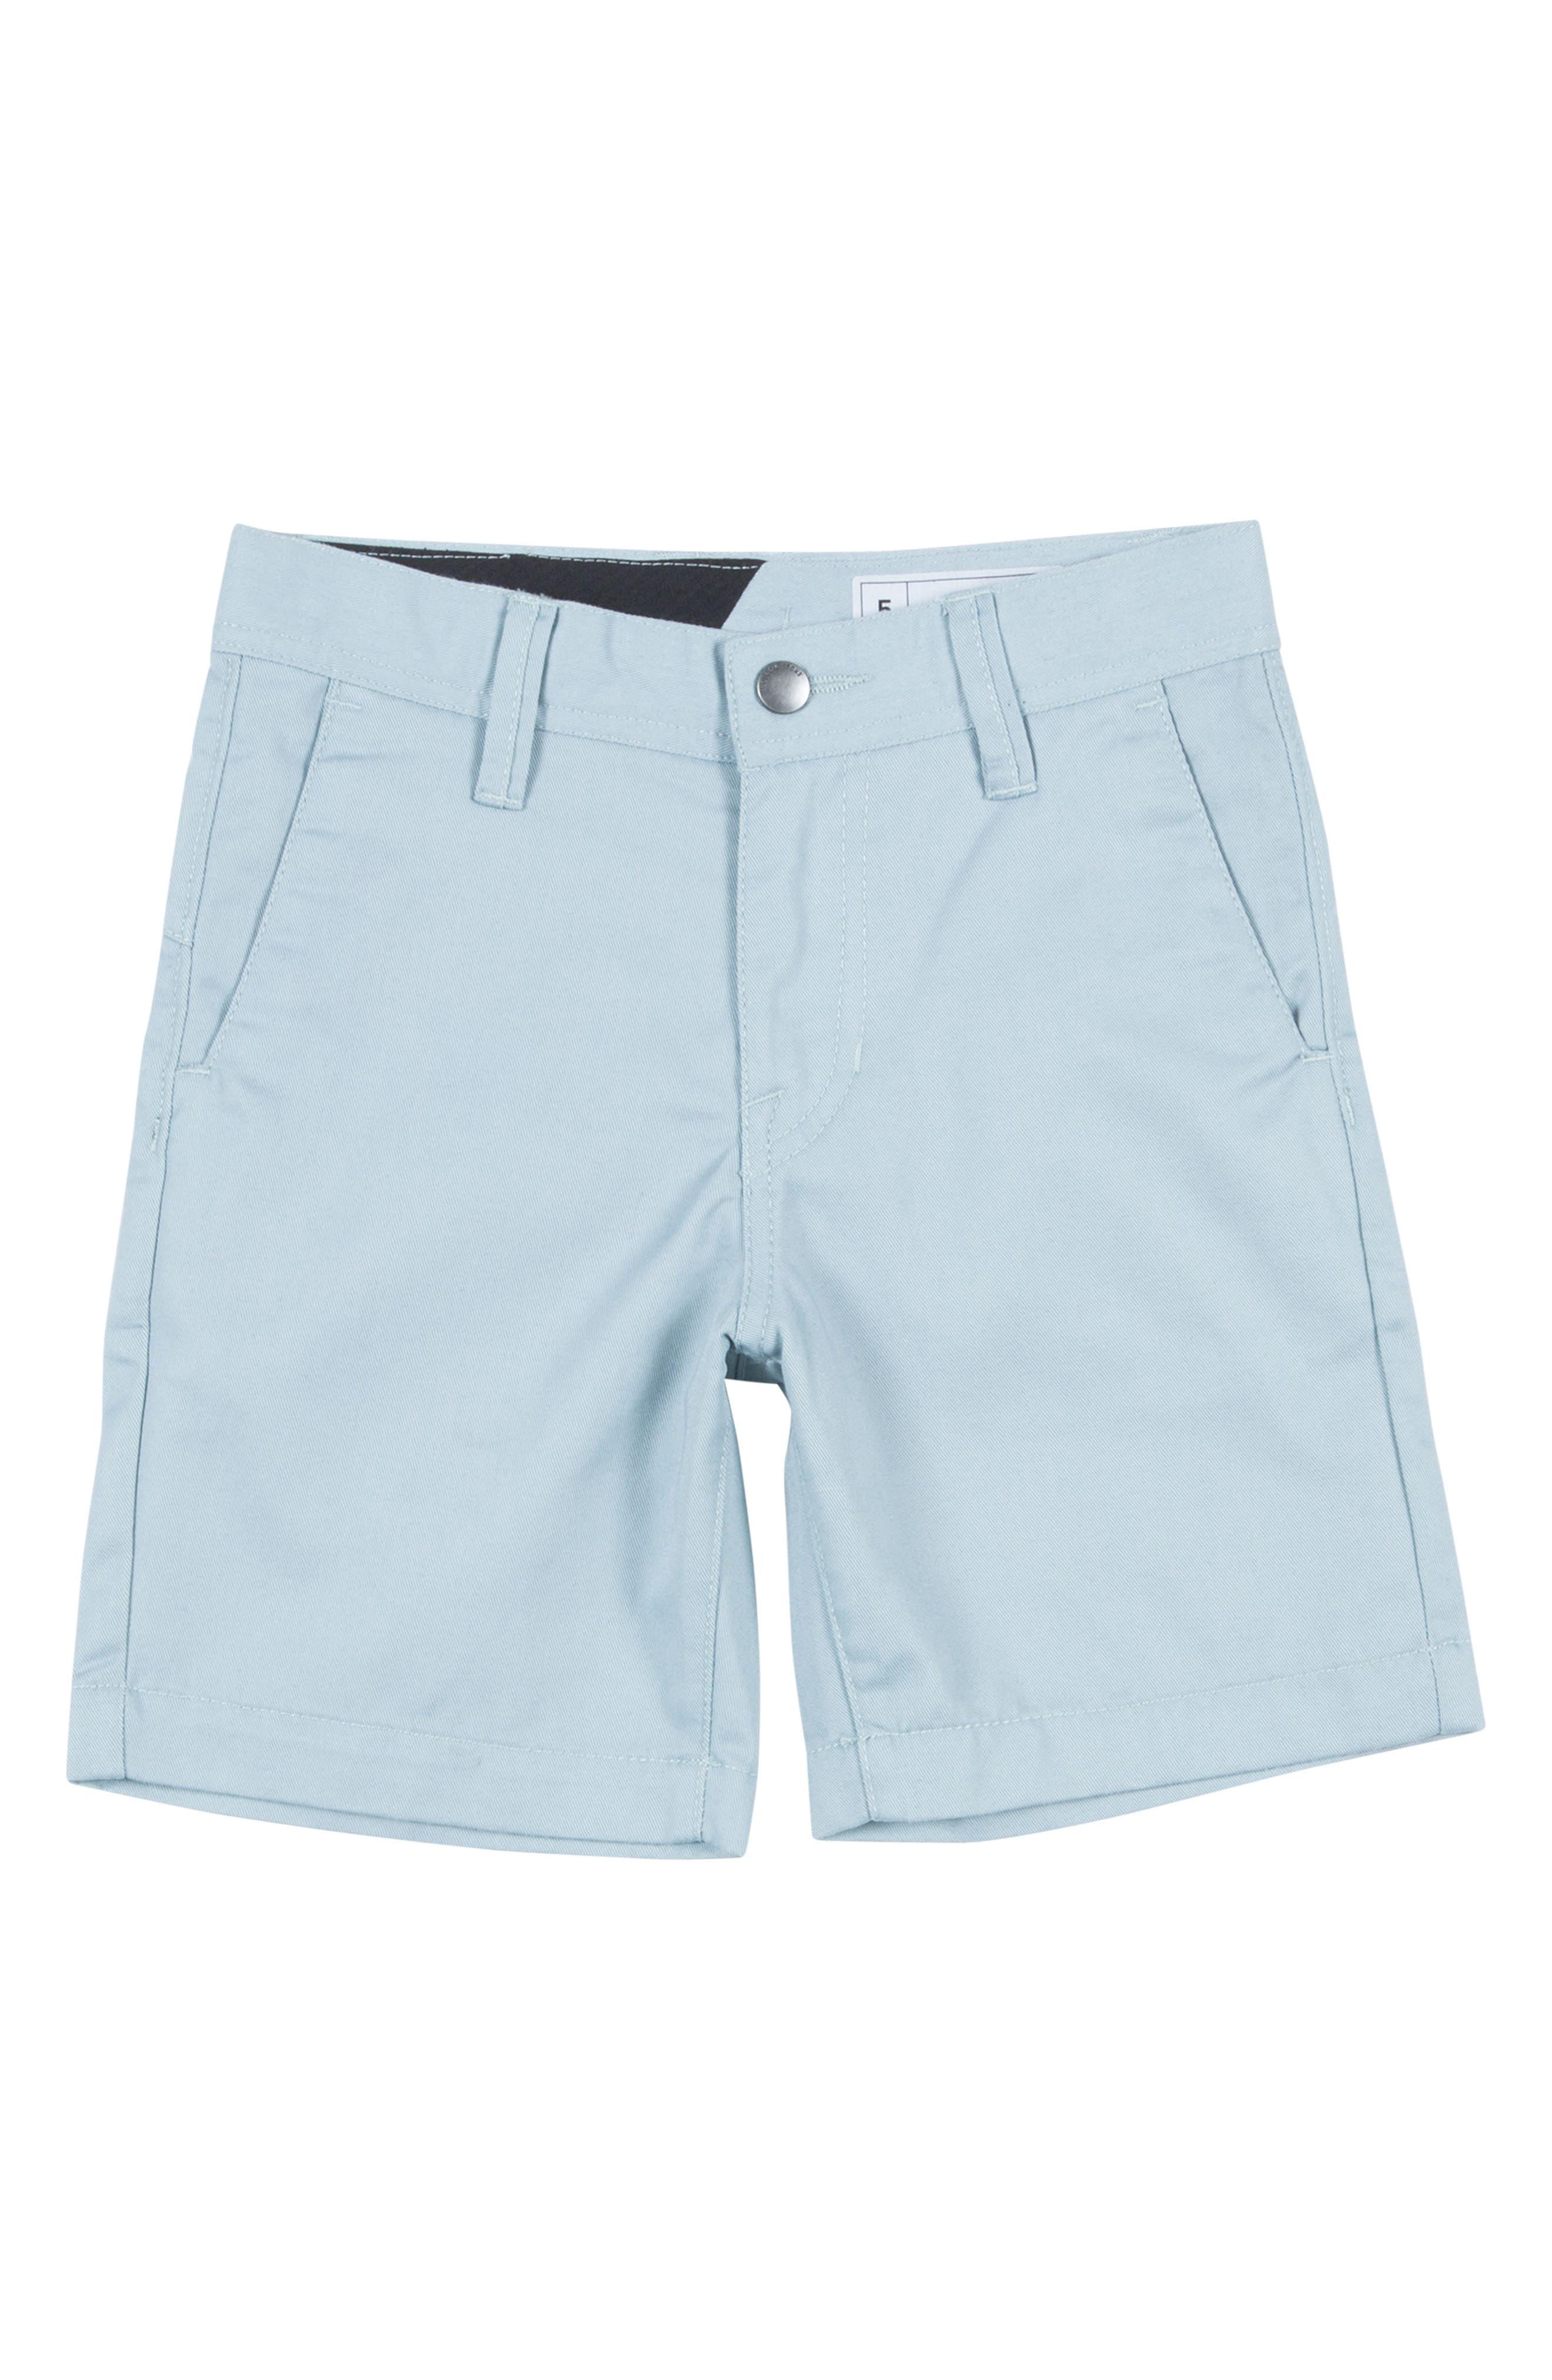 Alternate Image 1 Selected - Volcom 'Modern' Chino Shorts (Toddler Boys & Little Boys)